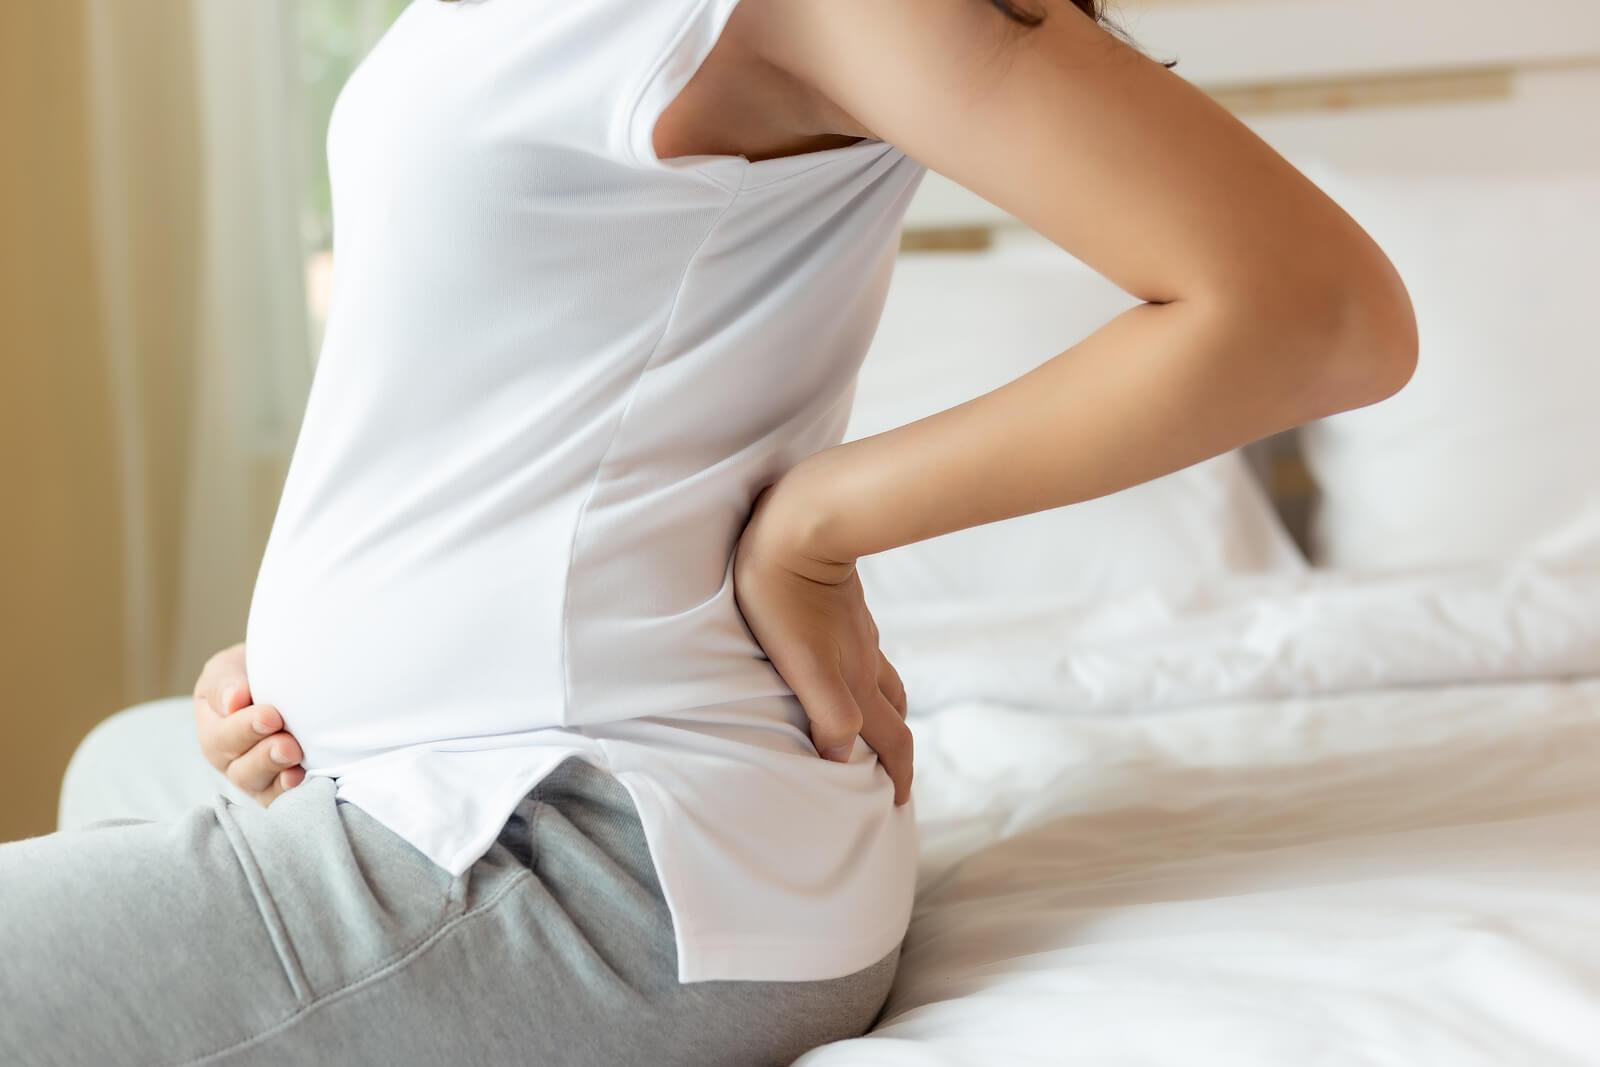 El embarazo es una de las causas del prolapso genital femenino.